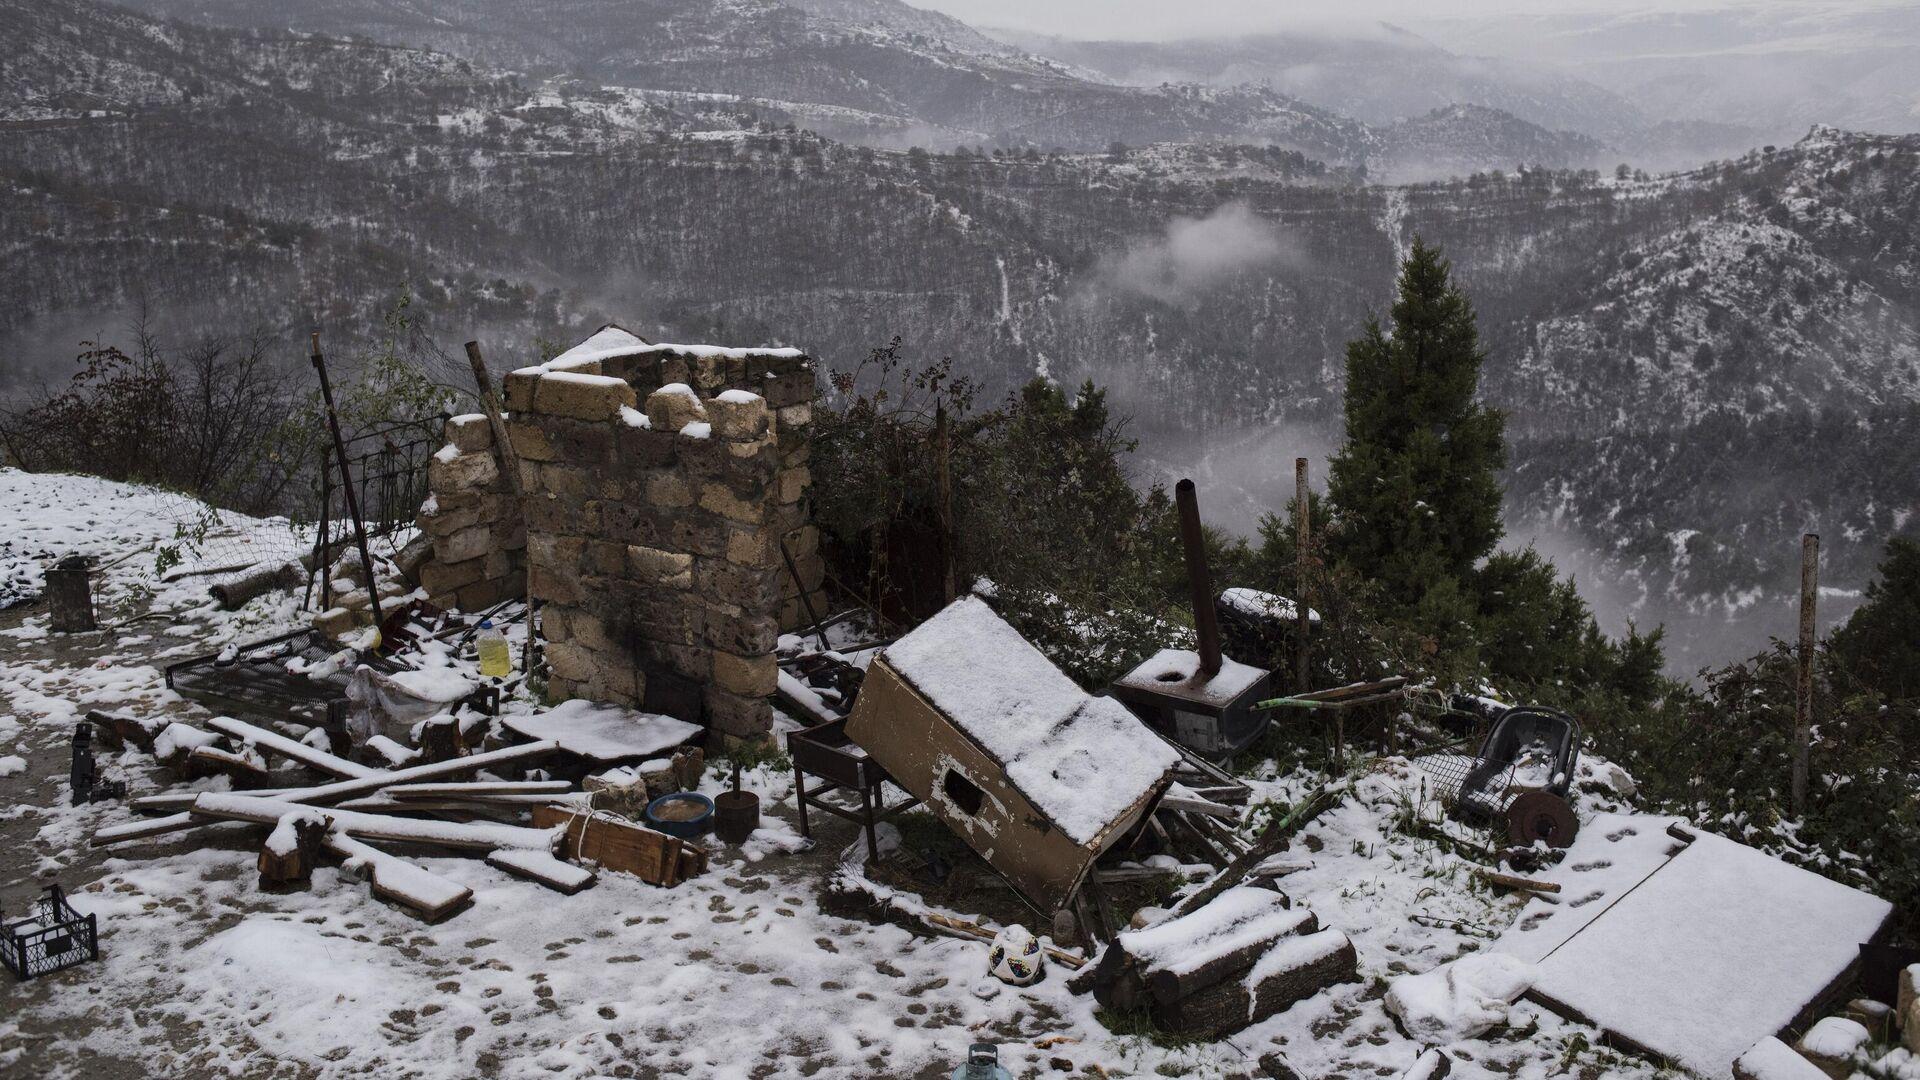 Разрушенный дом в одном из поселков в Нагорном Карабахе - РИА Новости, 1920, 03.12.2020